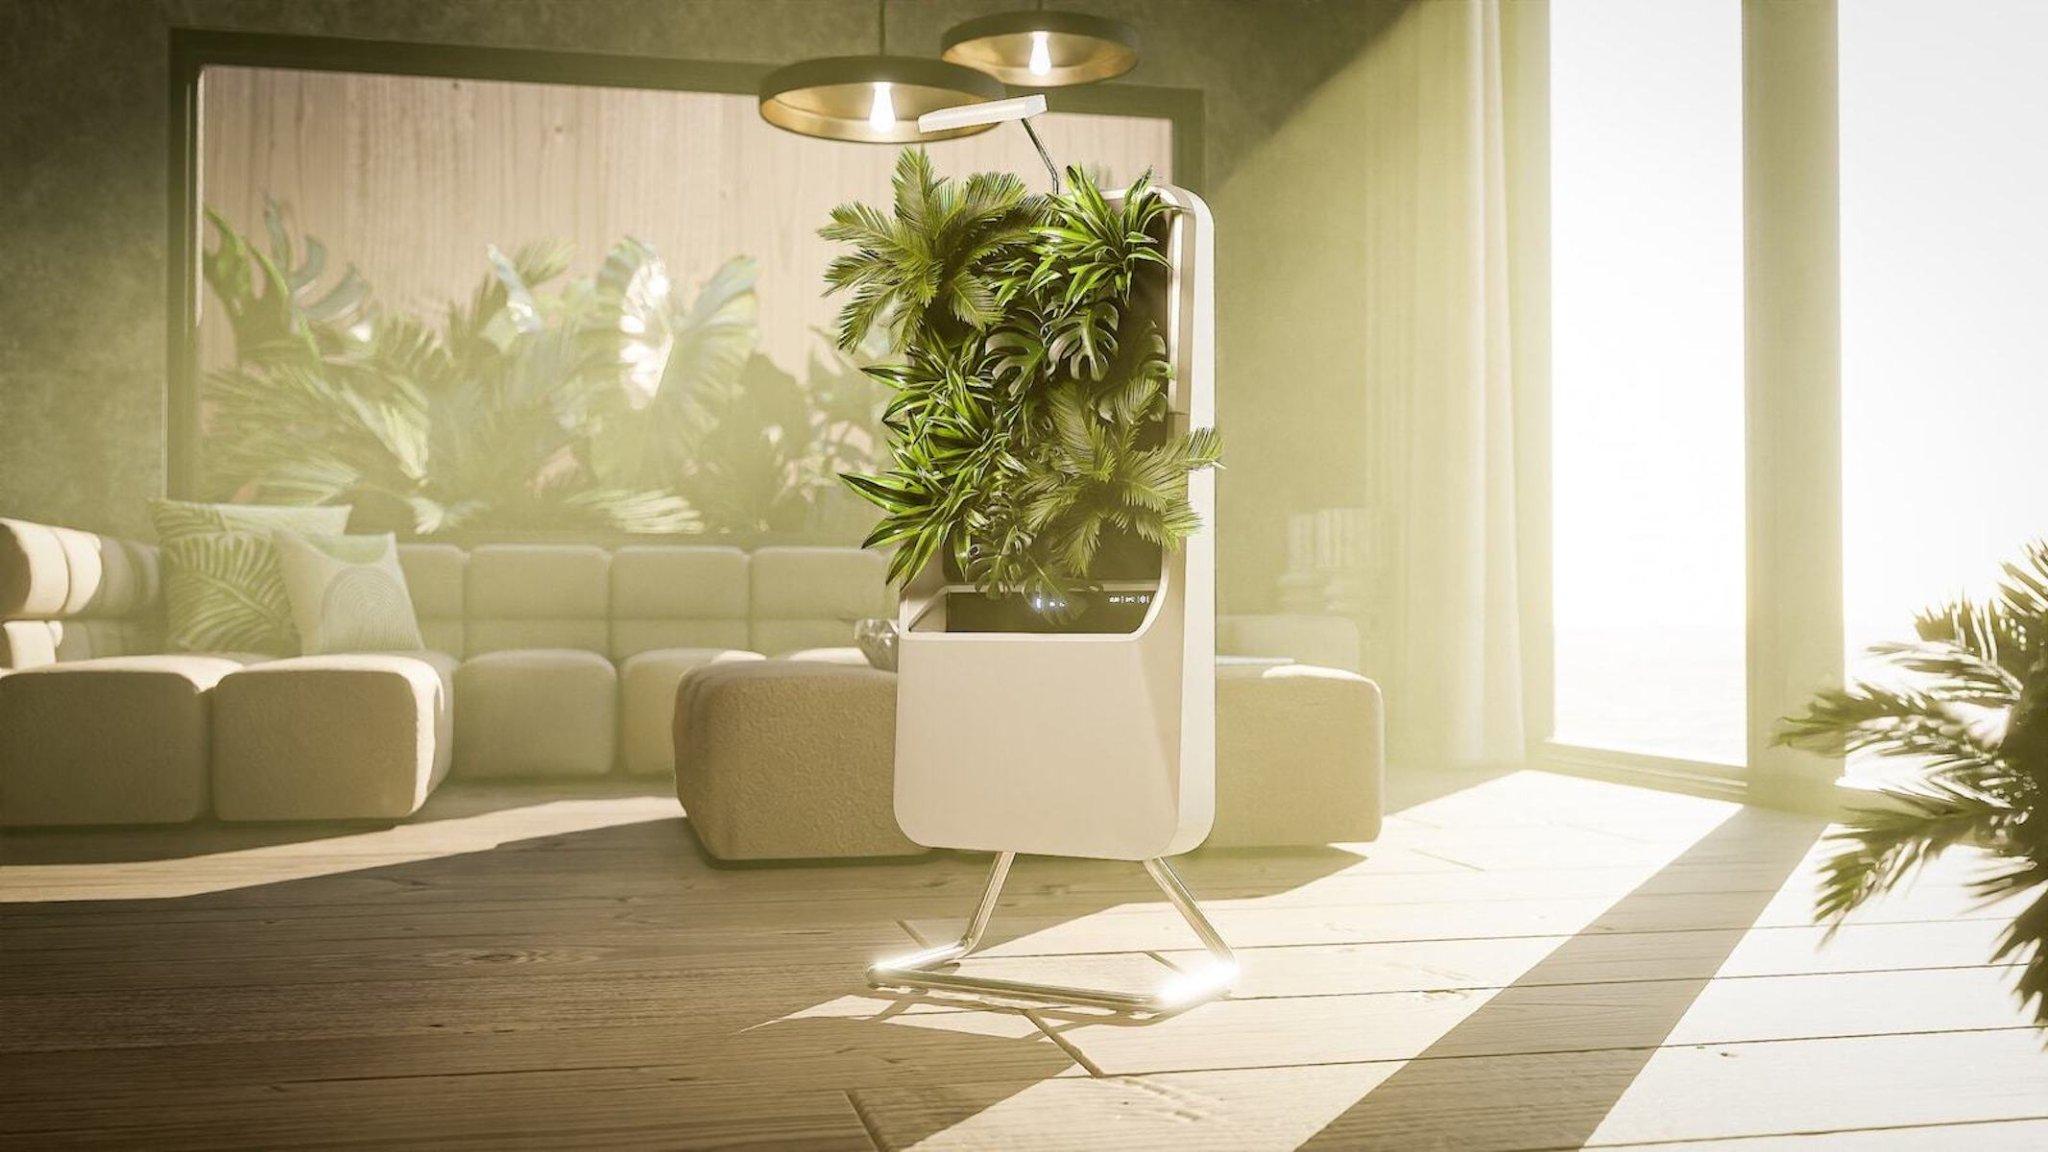 10 Design-friendly home decor gadgets